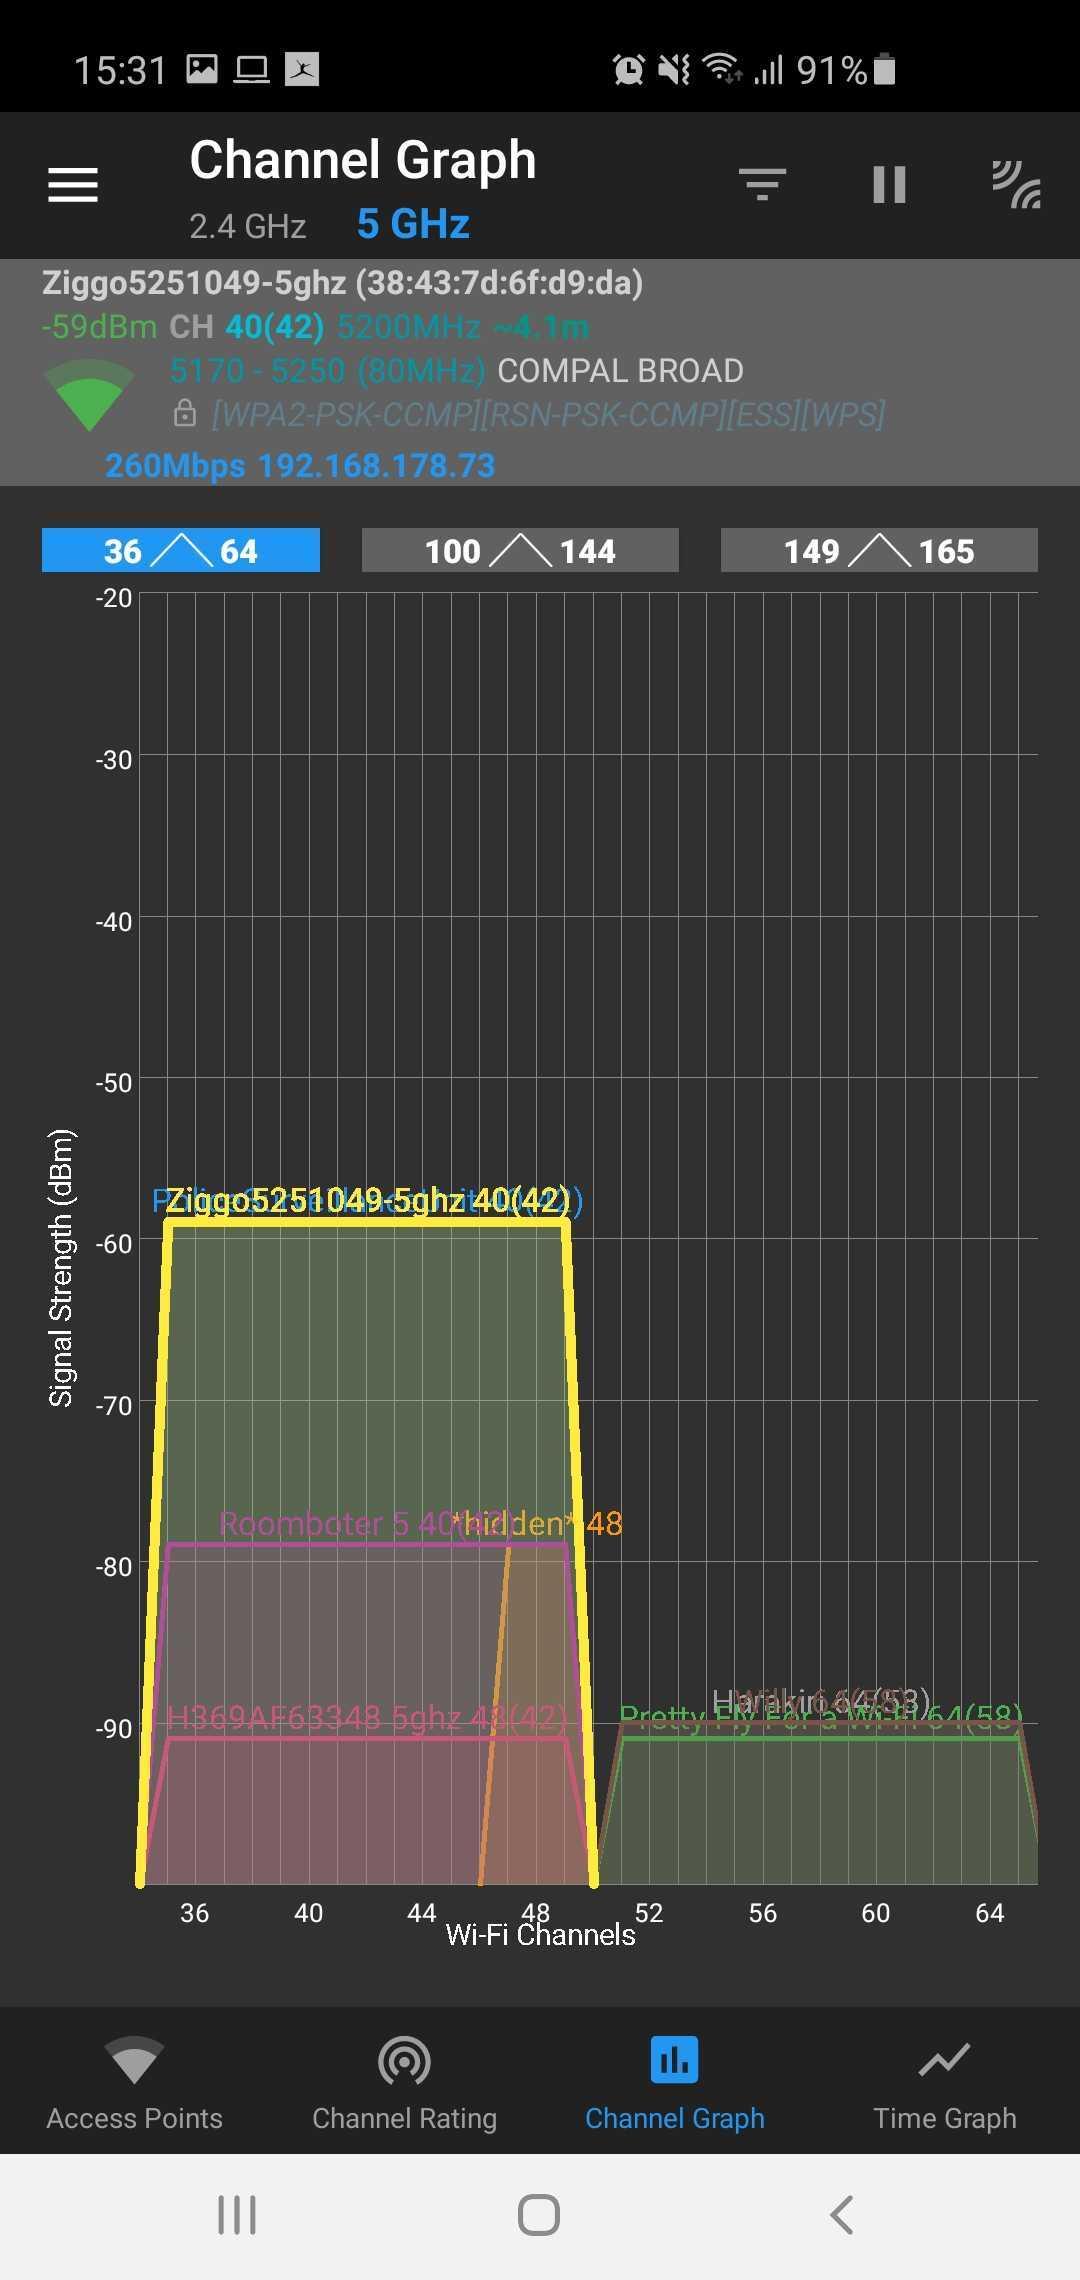 wifi, channels, analyzer, analysis, area, network